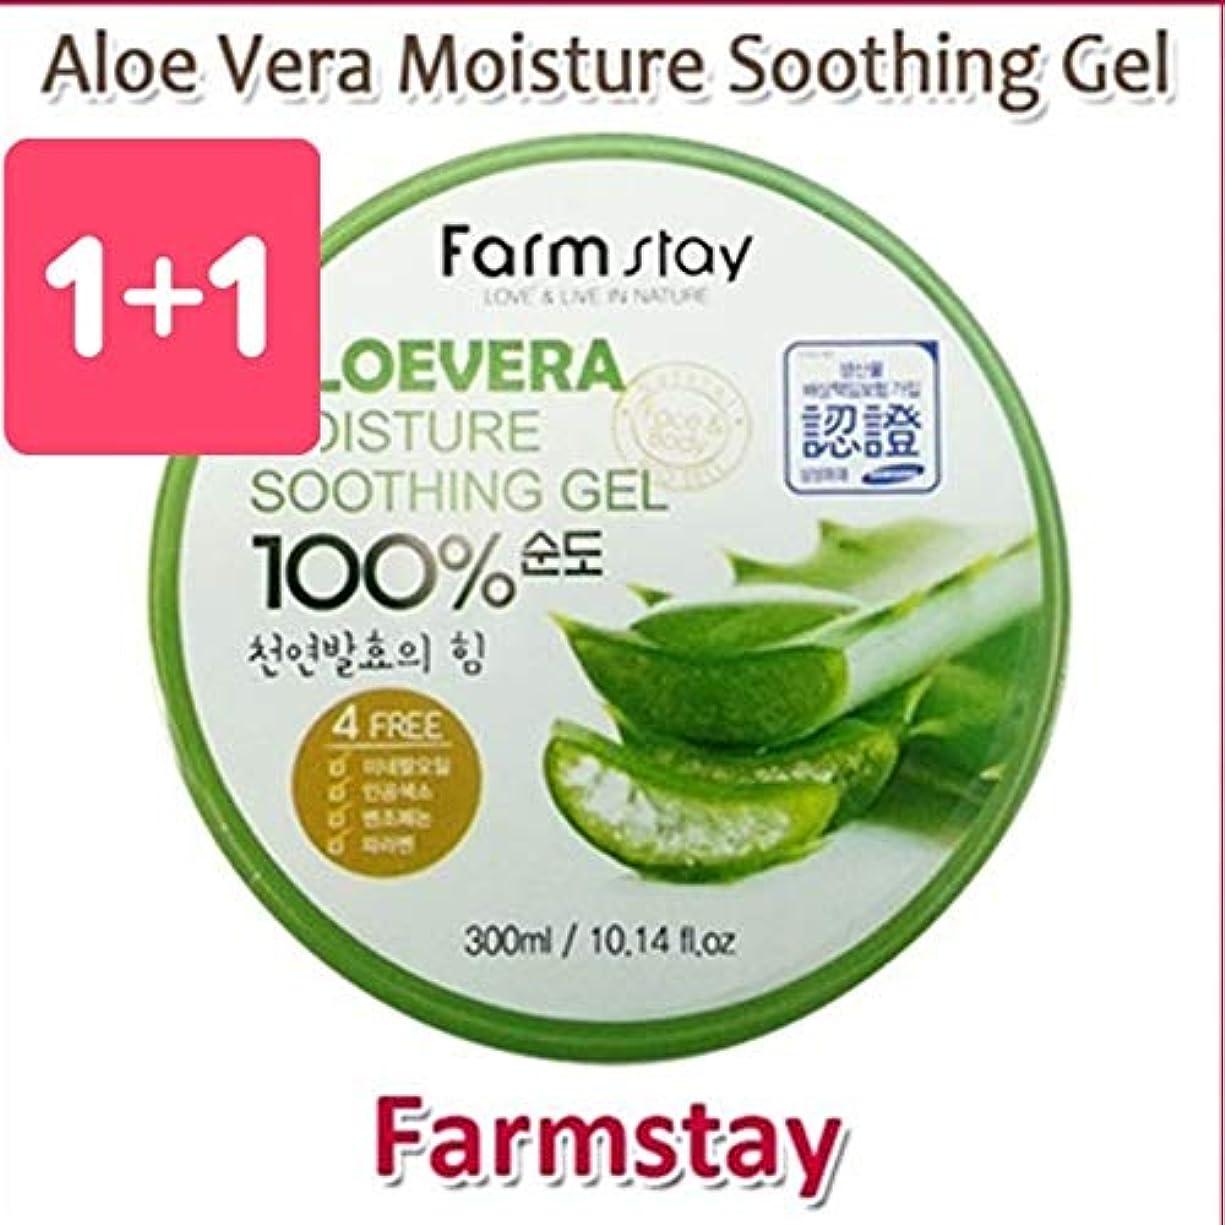 コーナーアームストロング無駄Farm Stay Aloe Vera Moisture Soothing Gel 300ml 1+1 Big Sale/オーガニック アロエベラゲル 100%/保湿ケア/韓国コスメ/Aloe Vera 100% /Moisturizing...